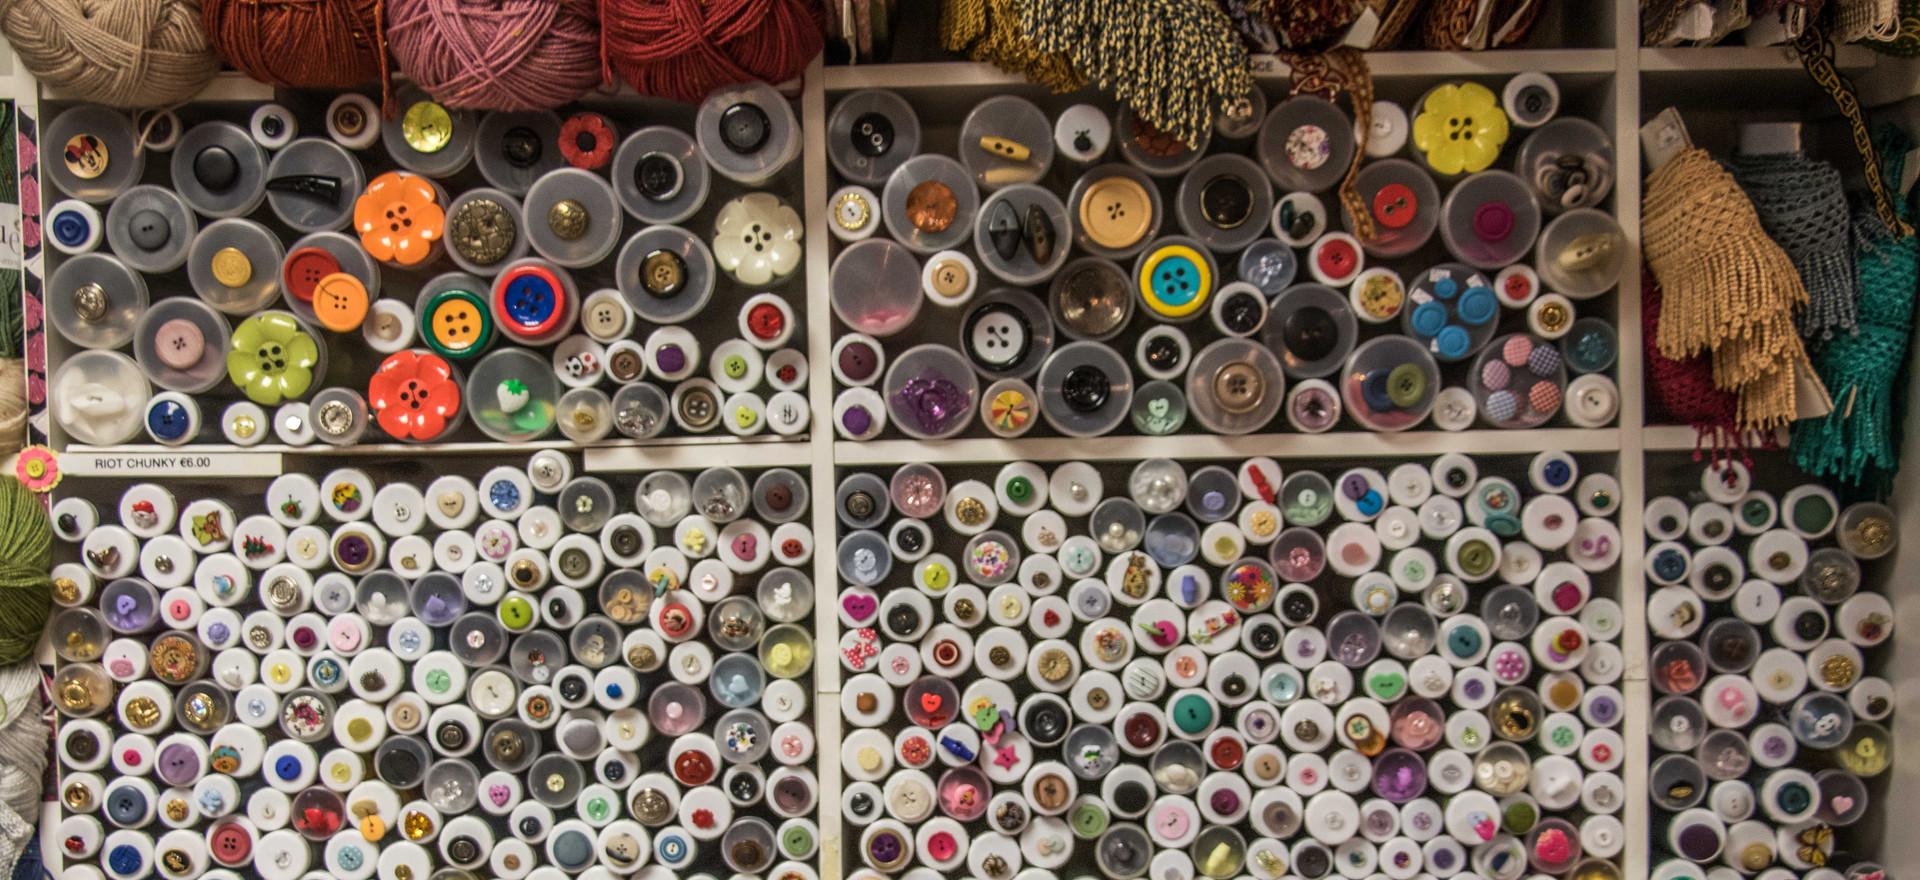 buttons (1 of 1).jpg